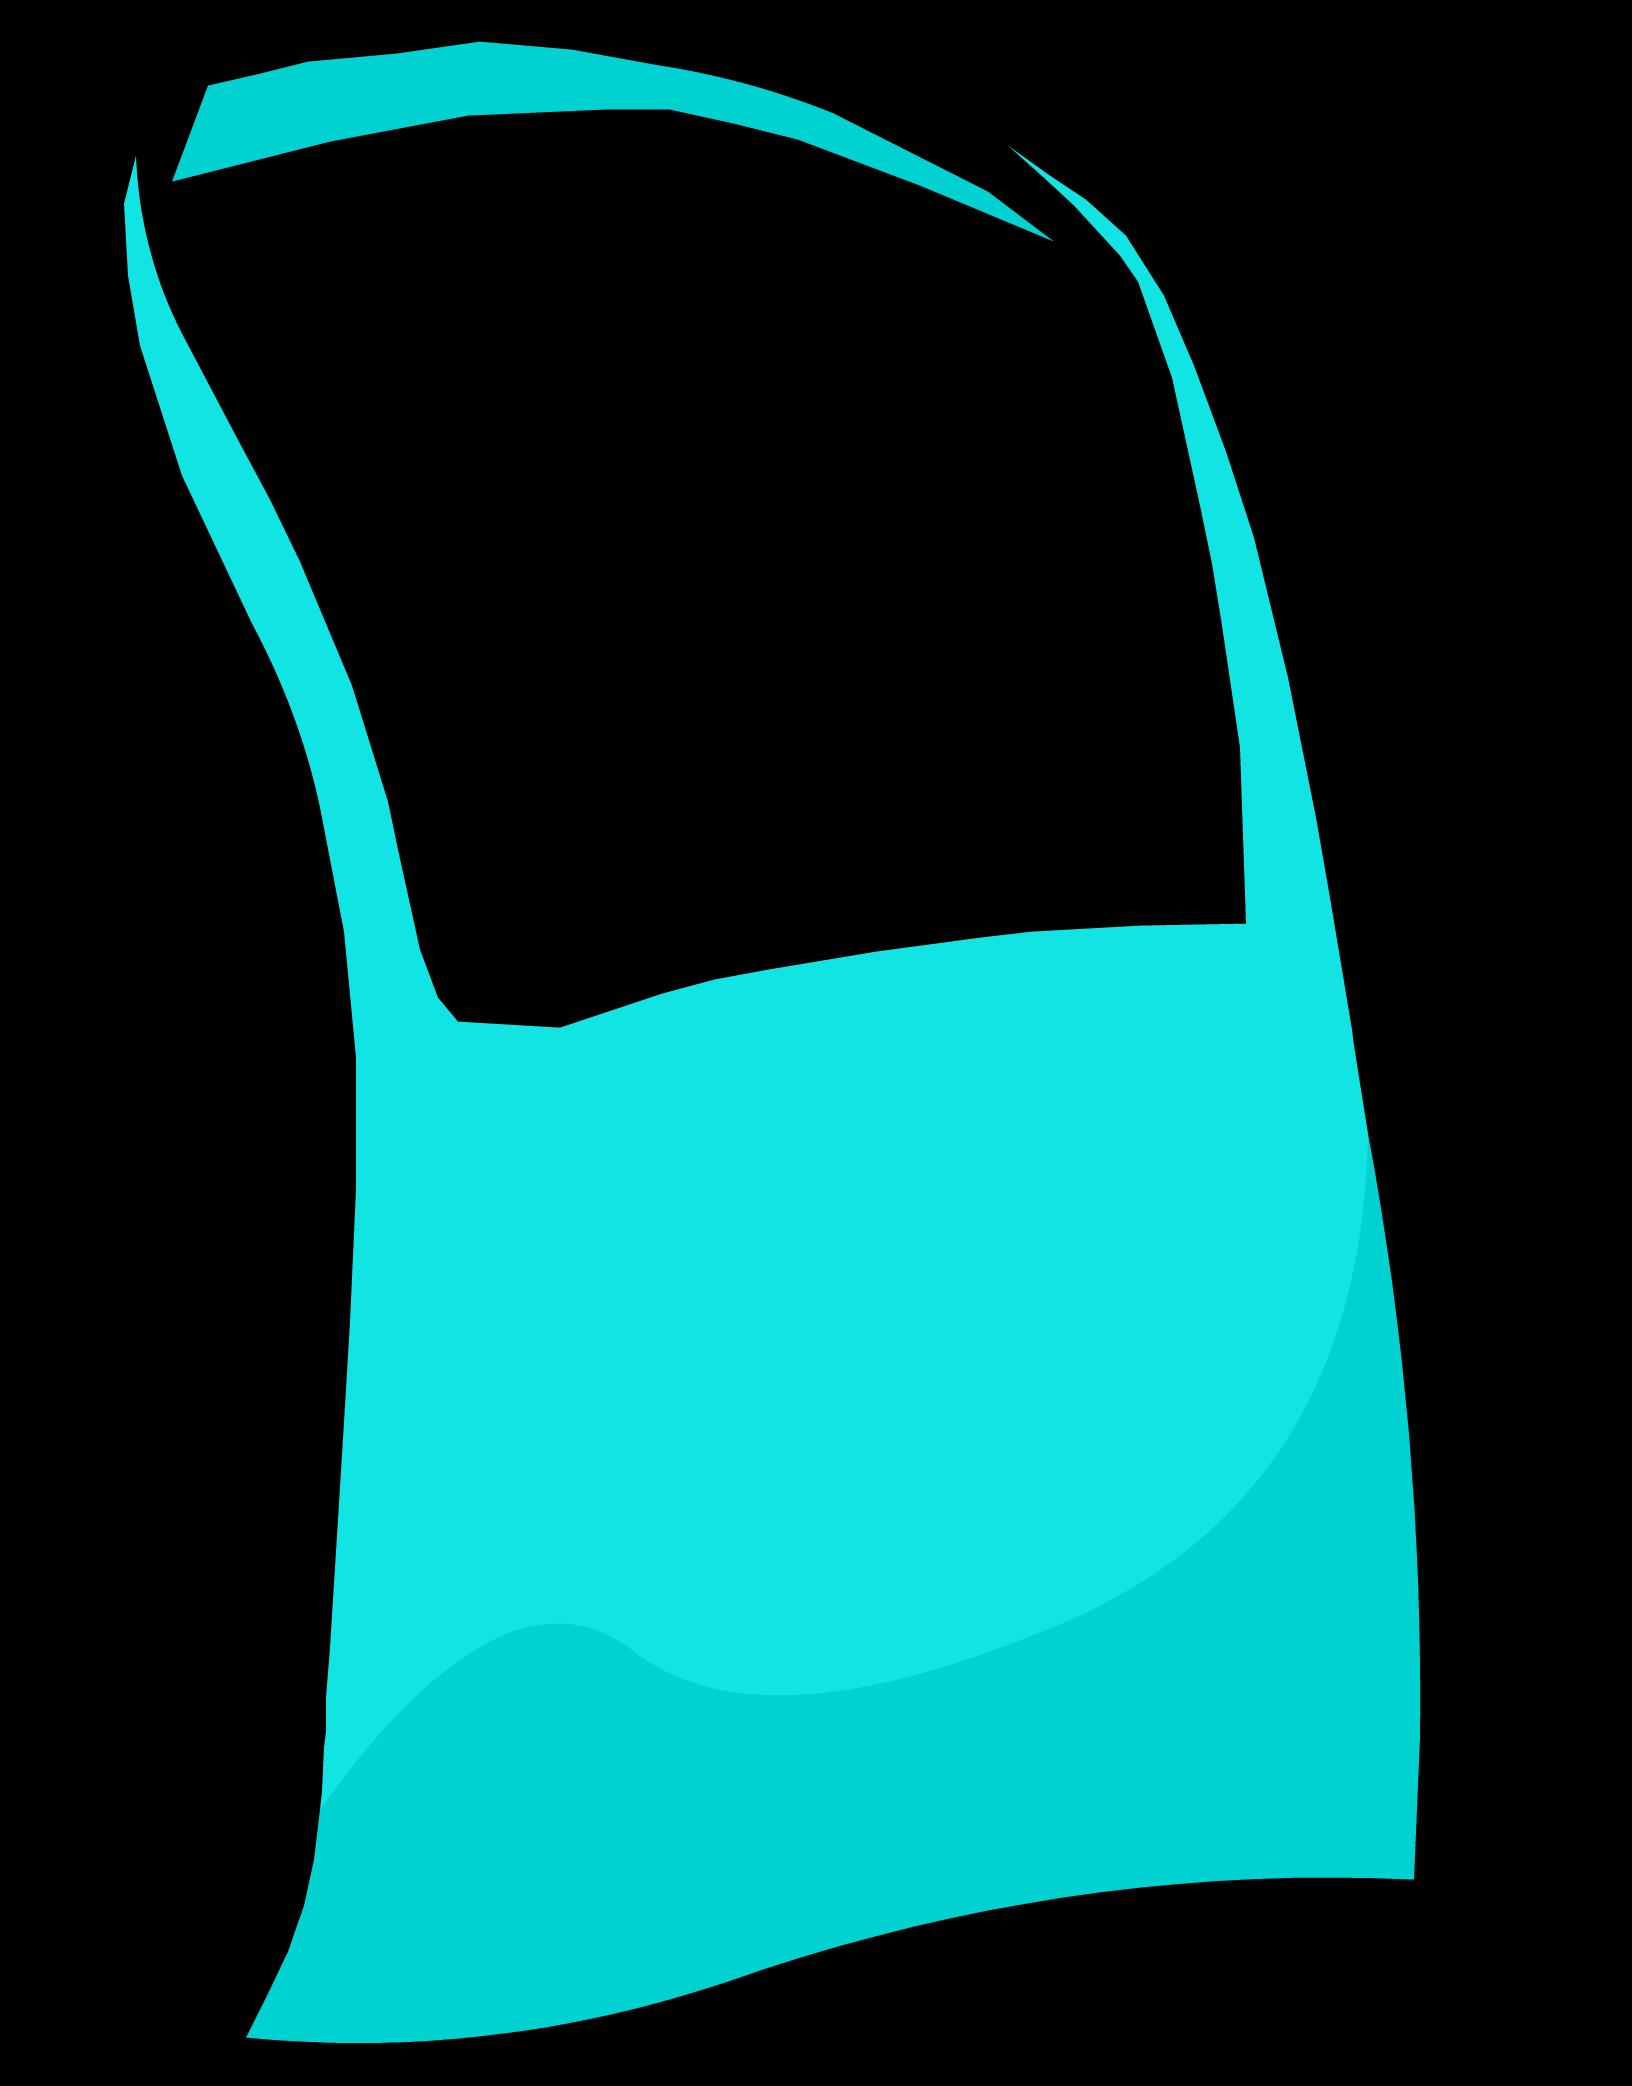 Blue apron wiki - Blue Apron Wiki 1